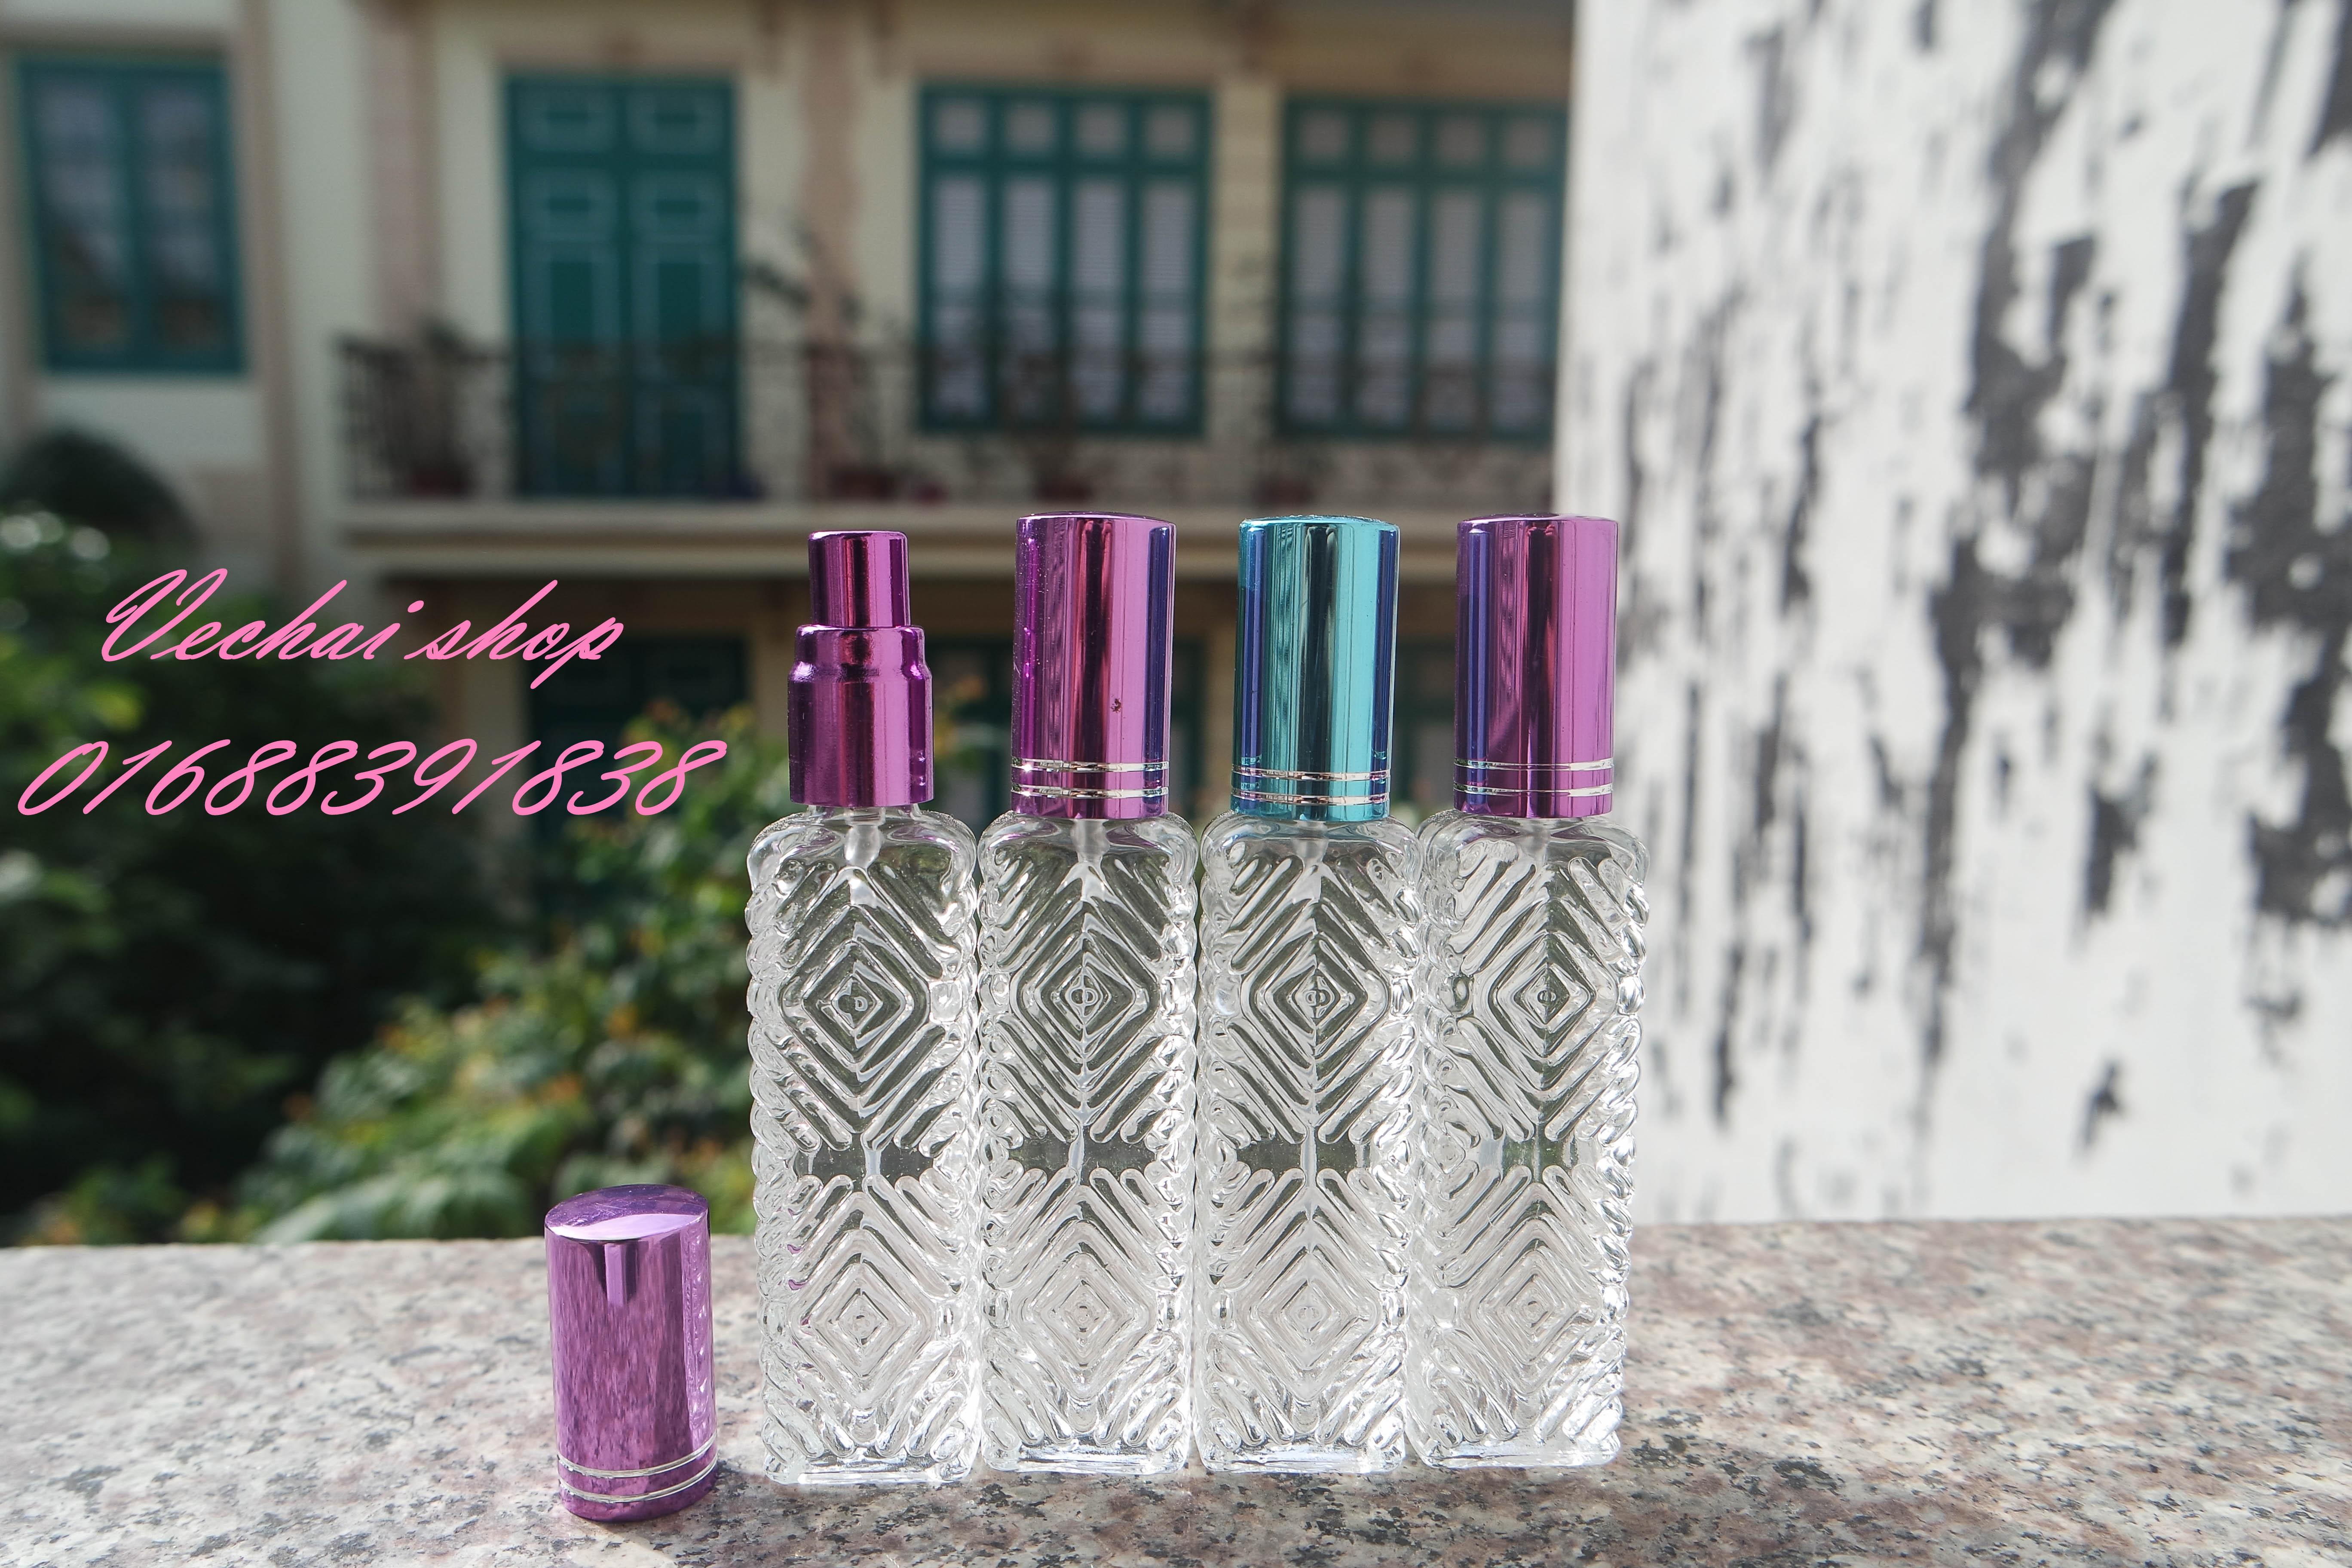 5 Sỉ lẻ Lọ Chiết Nước hoa rẻ nhất nhiều mẫu mã. Cod toàn quốc Vỏ chiết nước hoa/Ống chiết nước hoa